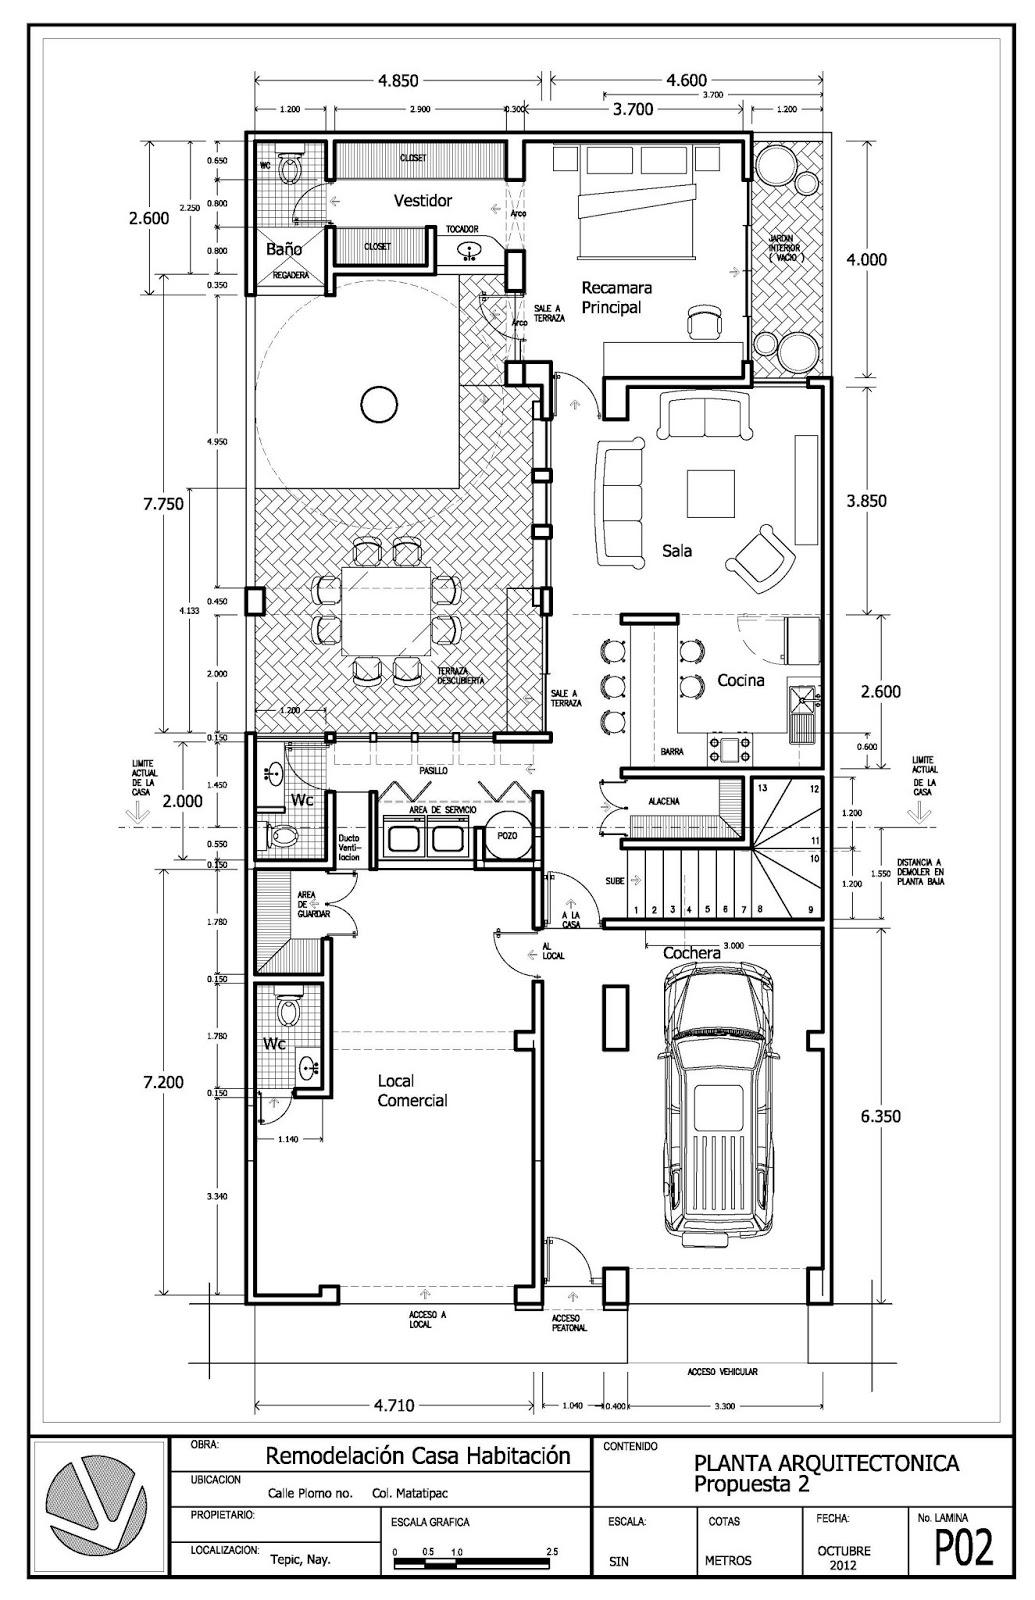 La casa remodala construccion e ingeneria remodelaci n for Plantas arquitectonicas de casas